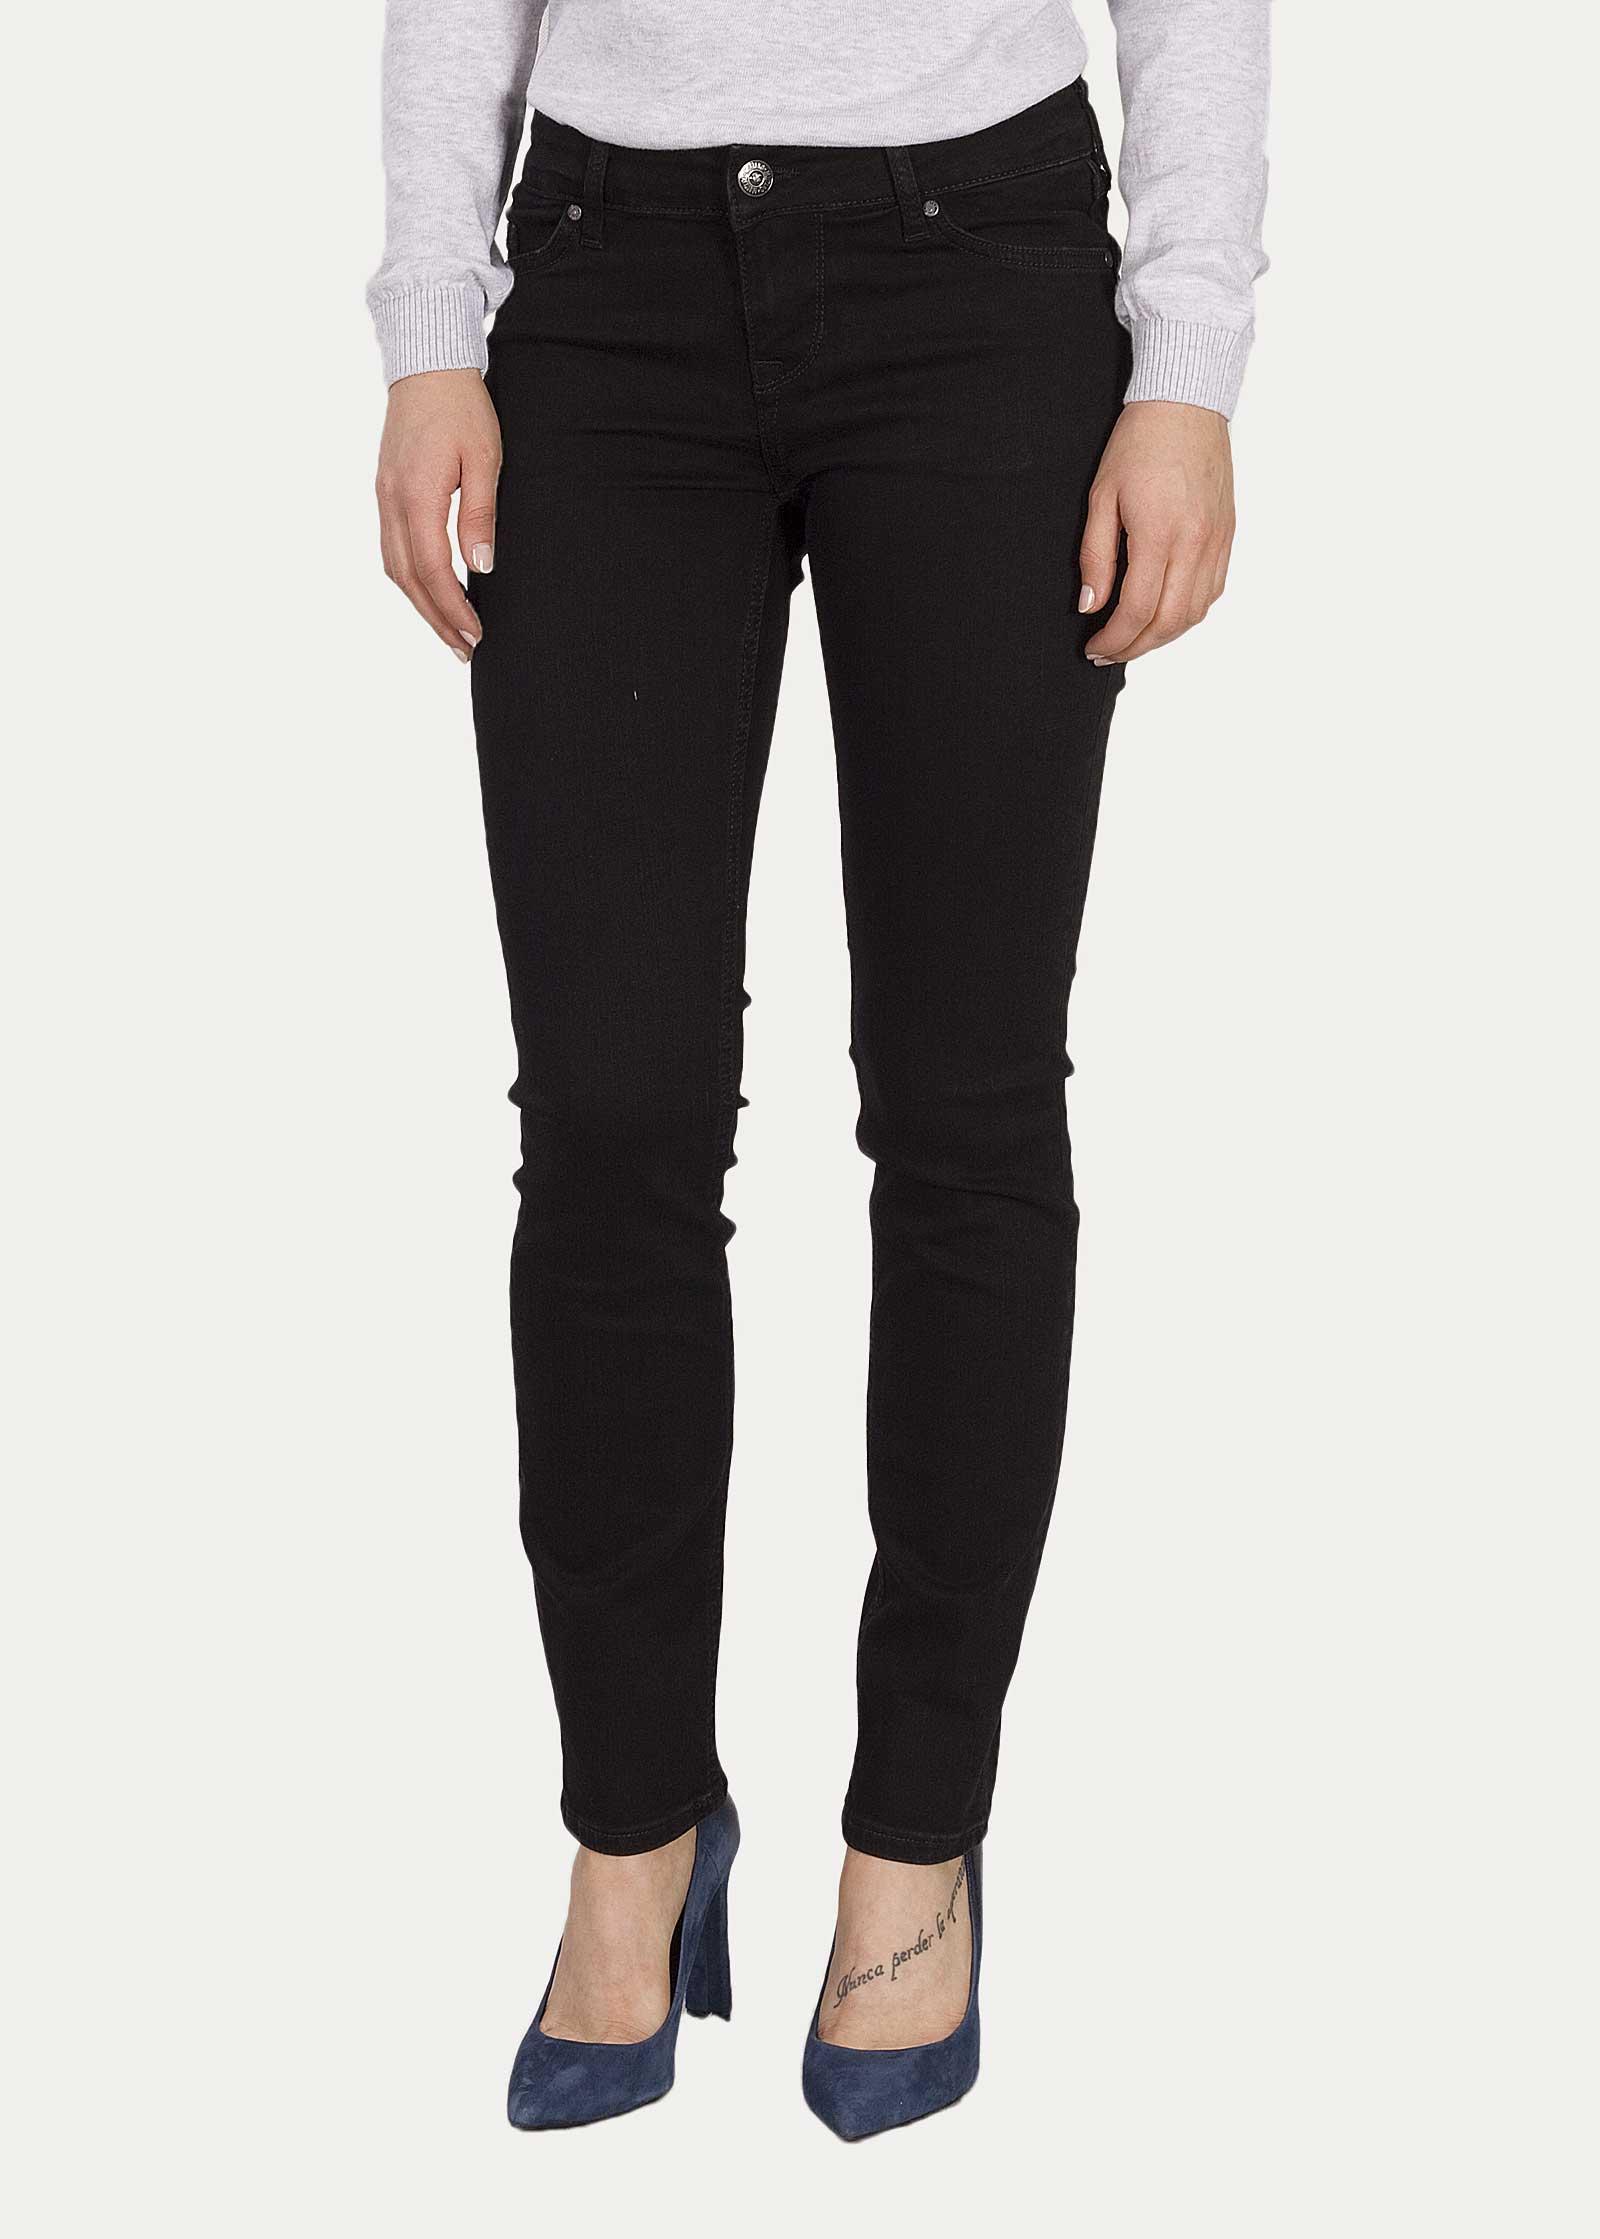 Damen Jeans Mustang Jasmin Slim 490 Midnight Black